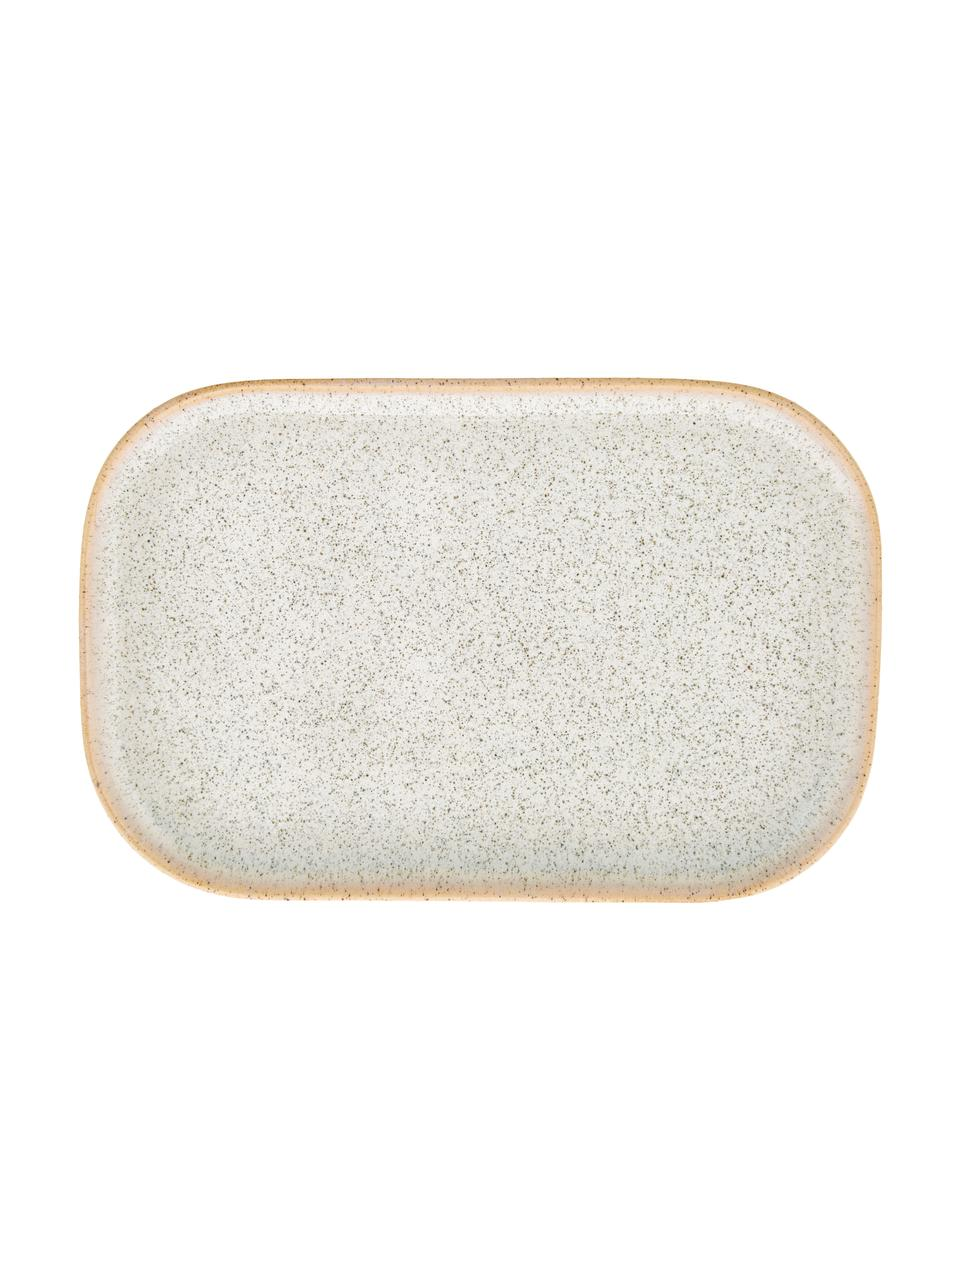 Handgemachte Steingut-Servierplatten Addison B 15 x L 23 cm, 3er-Set, Steingut, Beige, Weiß, 15 x 23 cm